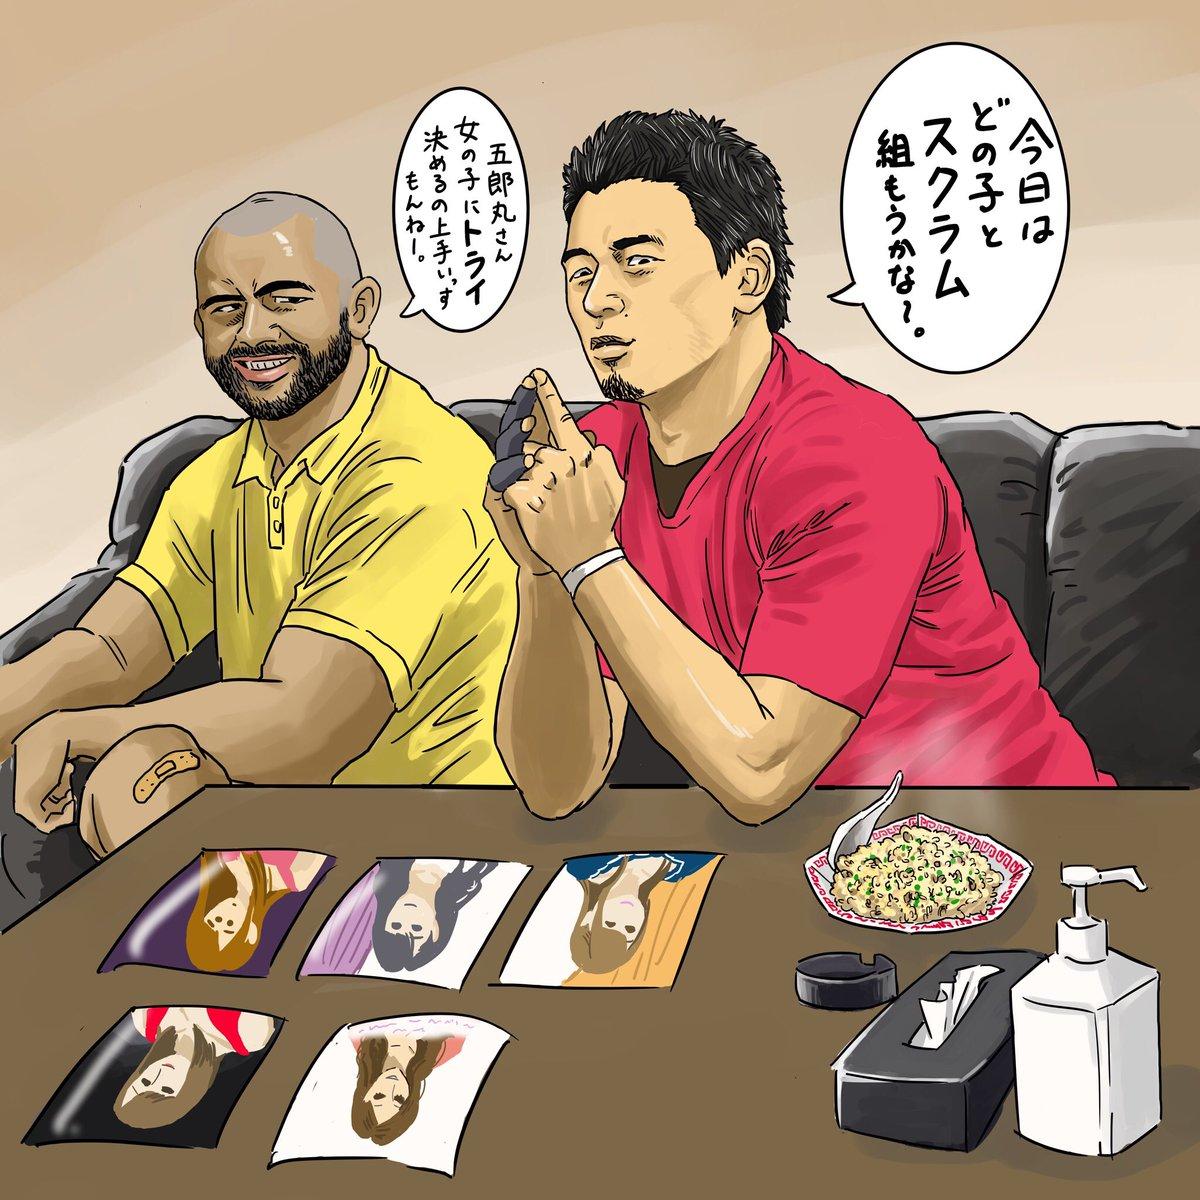 ラグビー元日本代表の五郎丸は風俗で女性を選ぶ時もルーティンとしてあのポーズをする